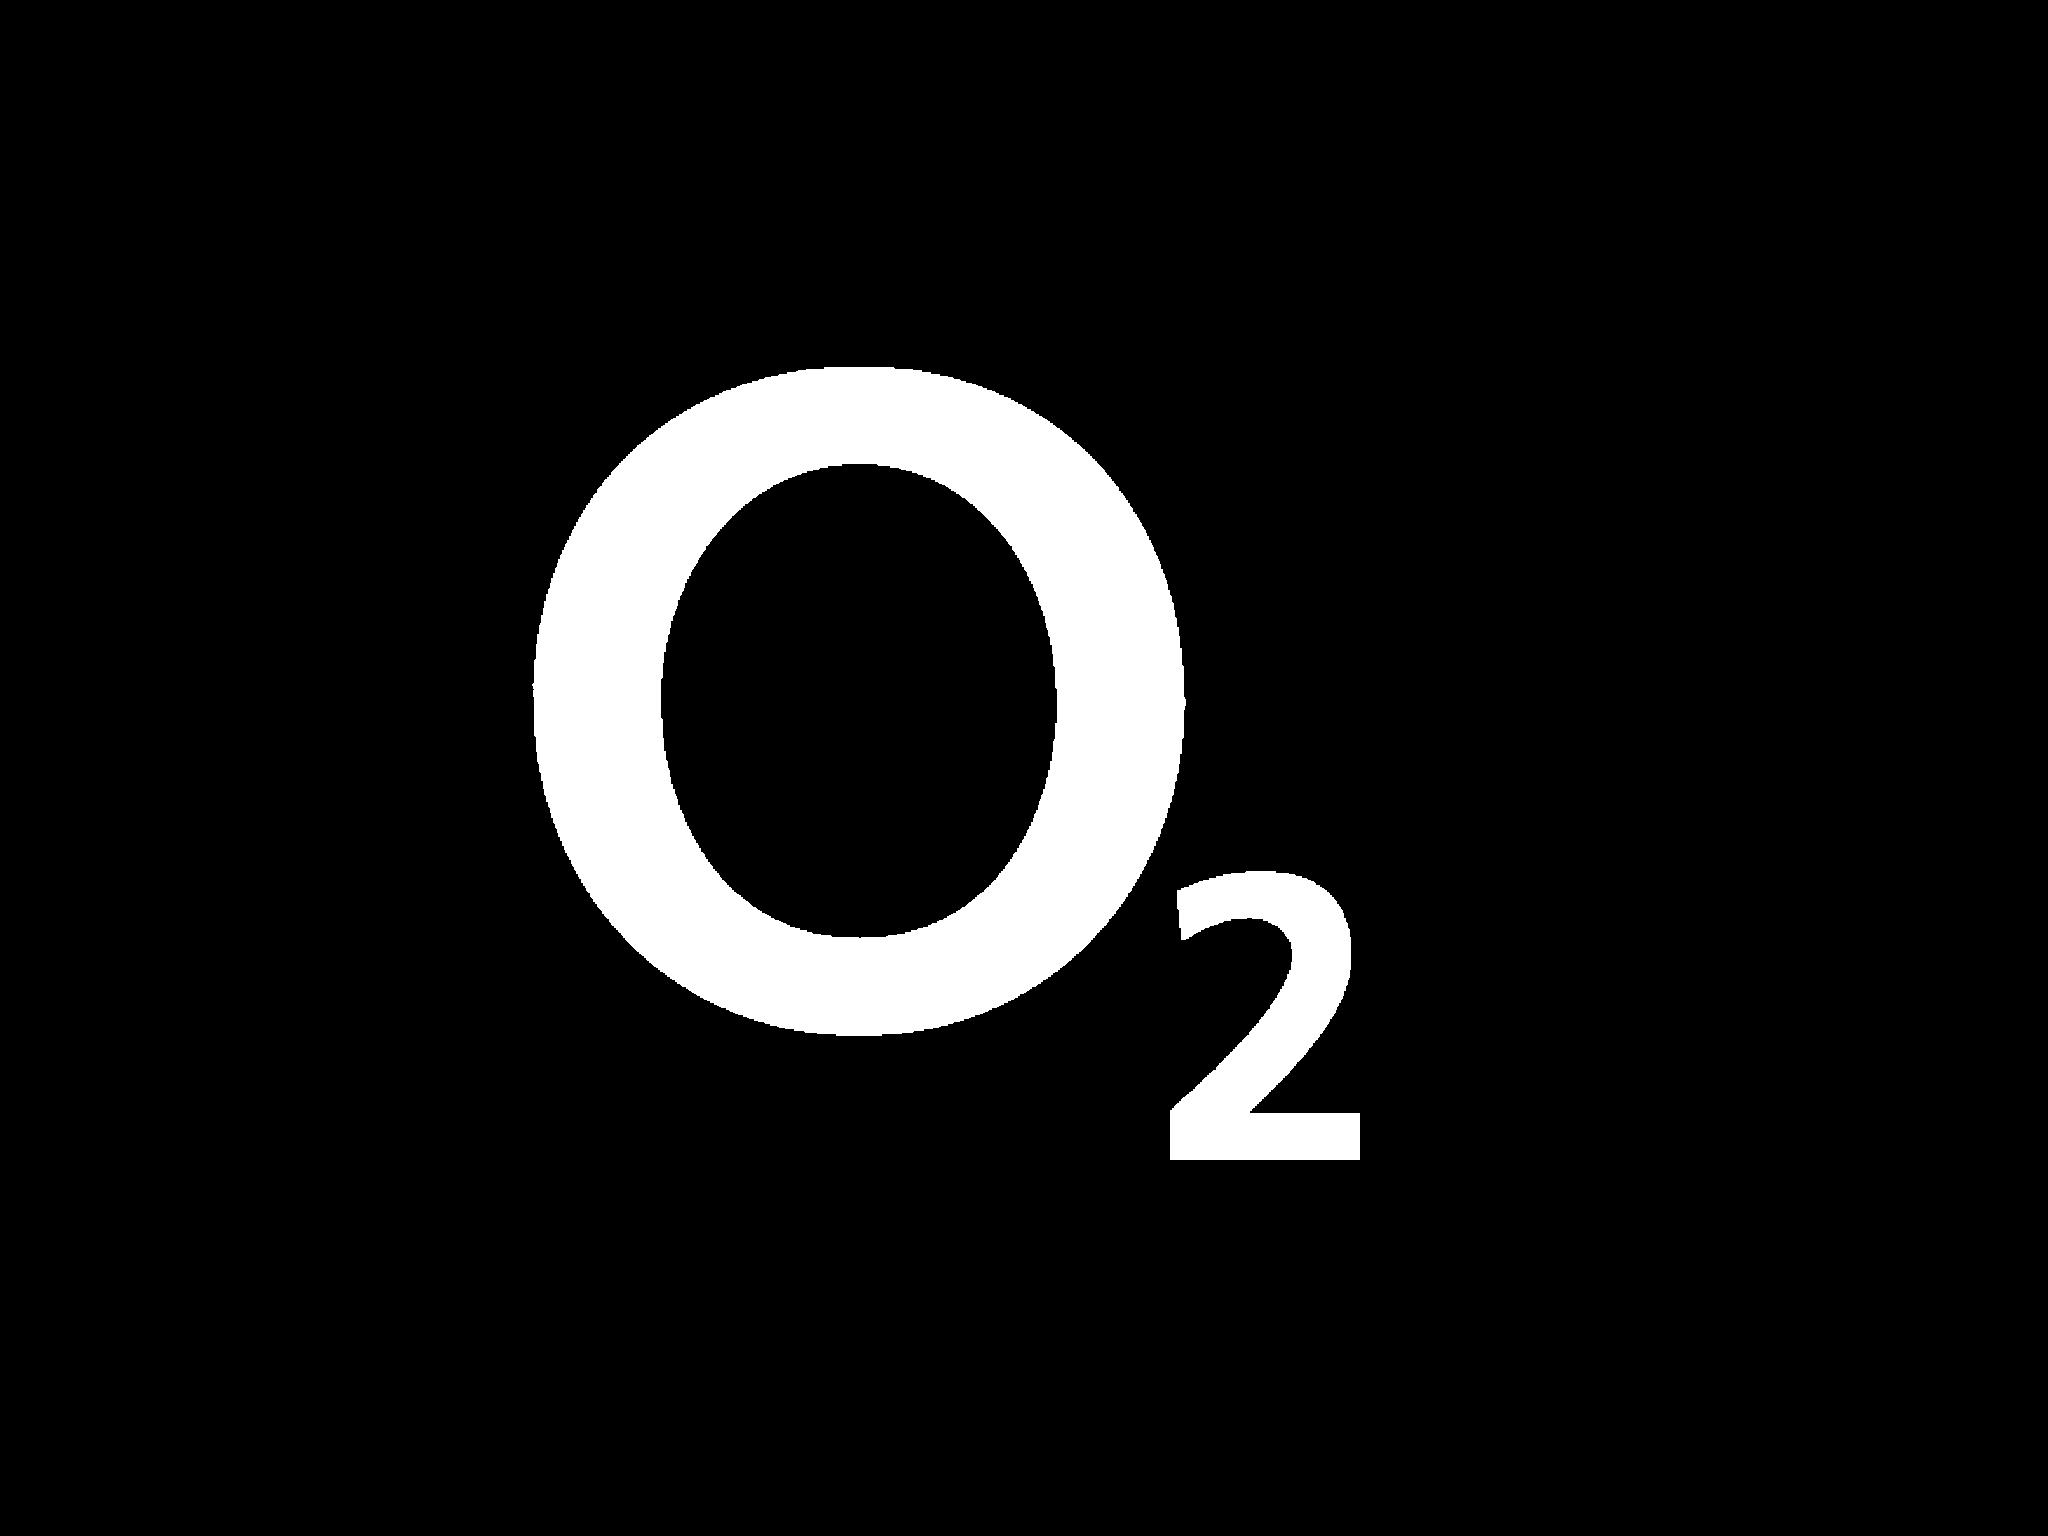 O2 logo white-2